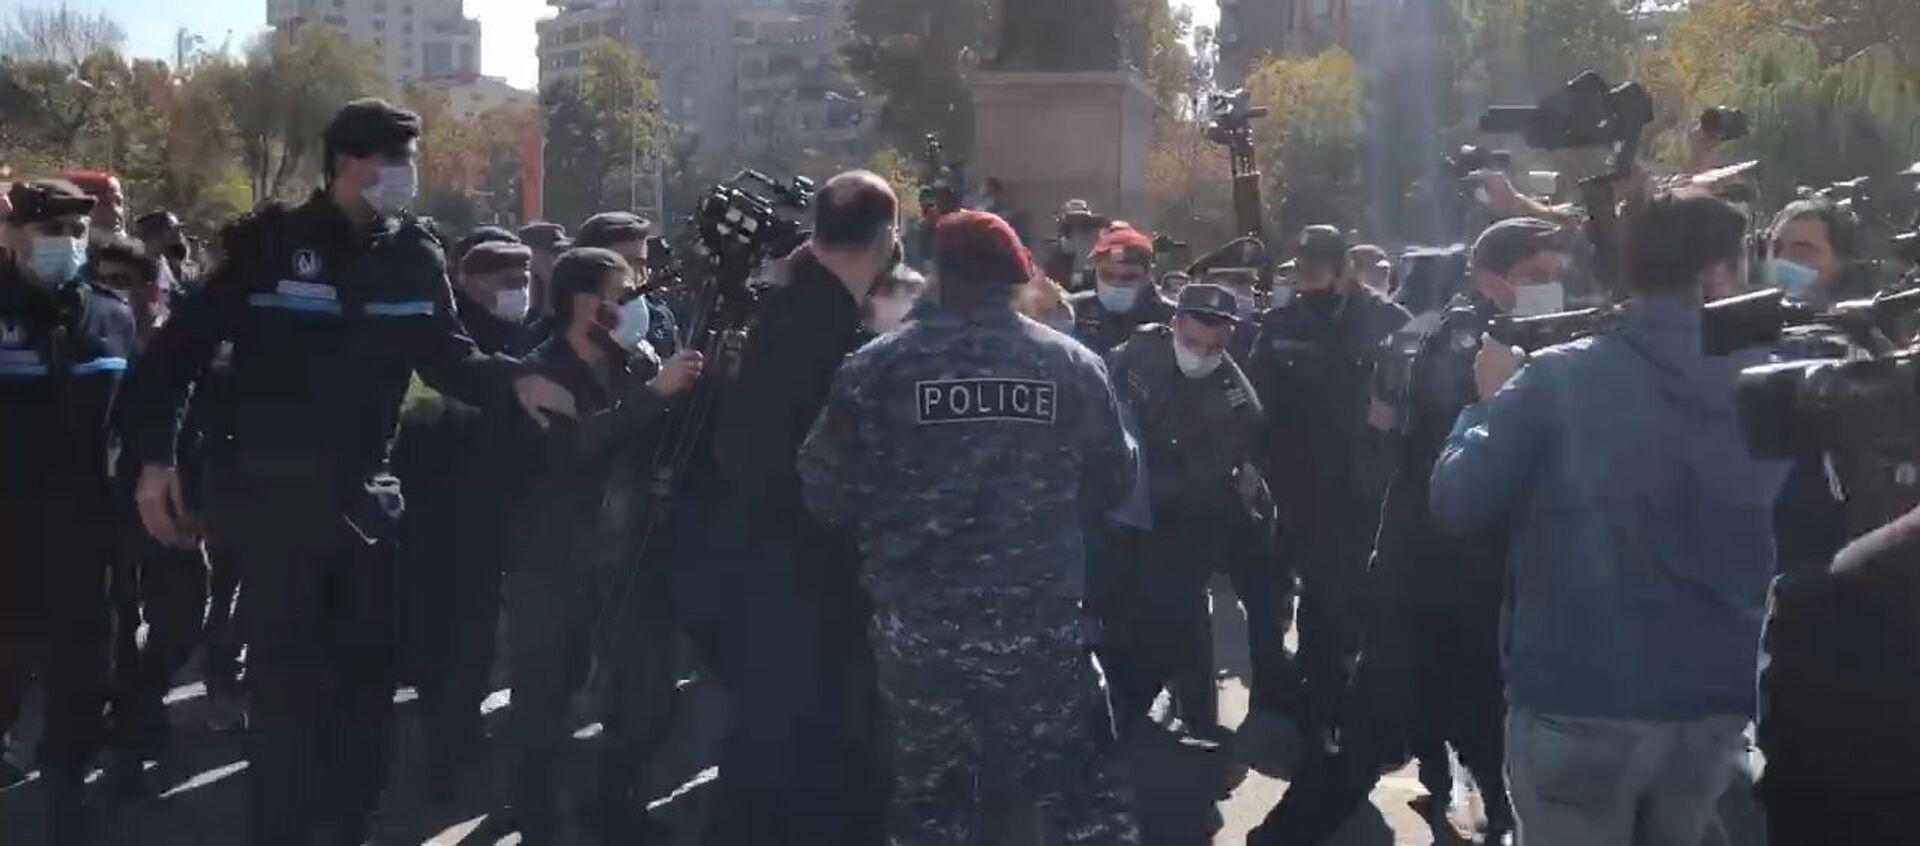 Задержание на площади Свобода (11 ноября 2020) - Sputnik Армения, 1920, 11.11.2020